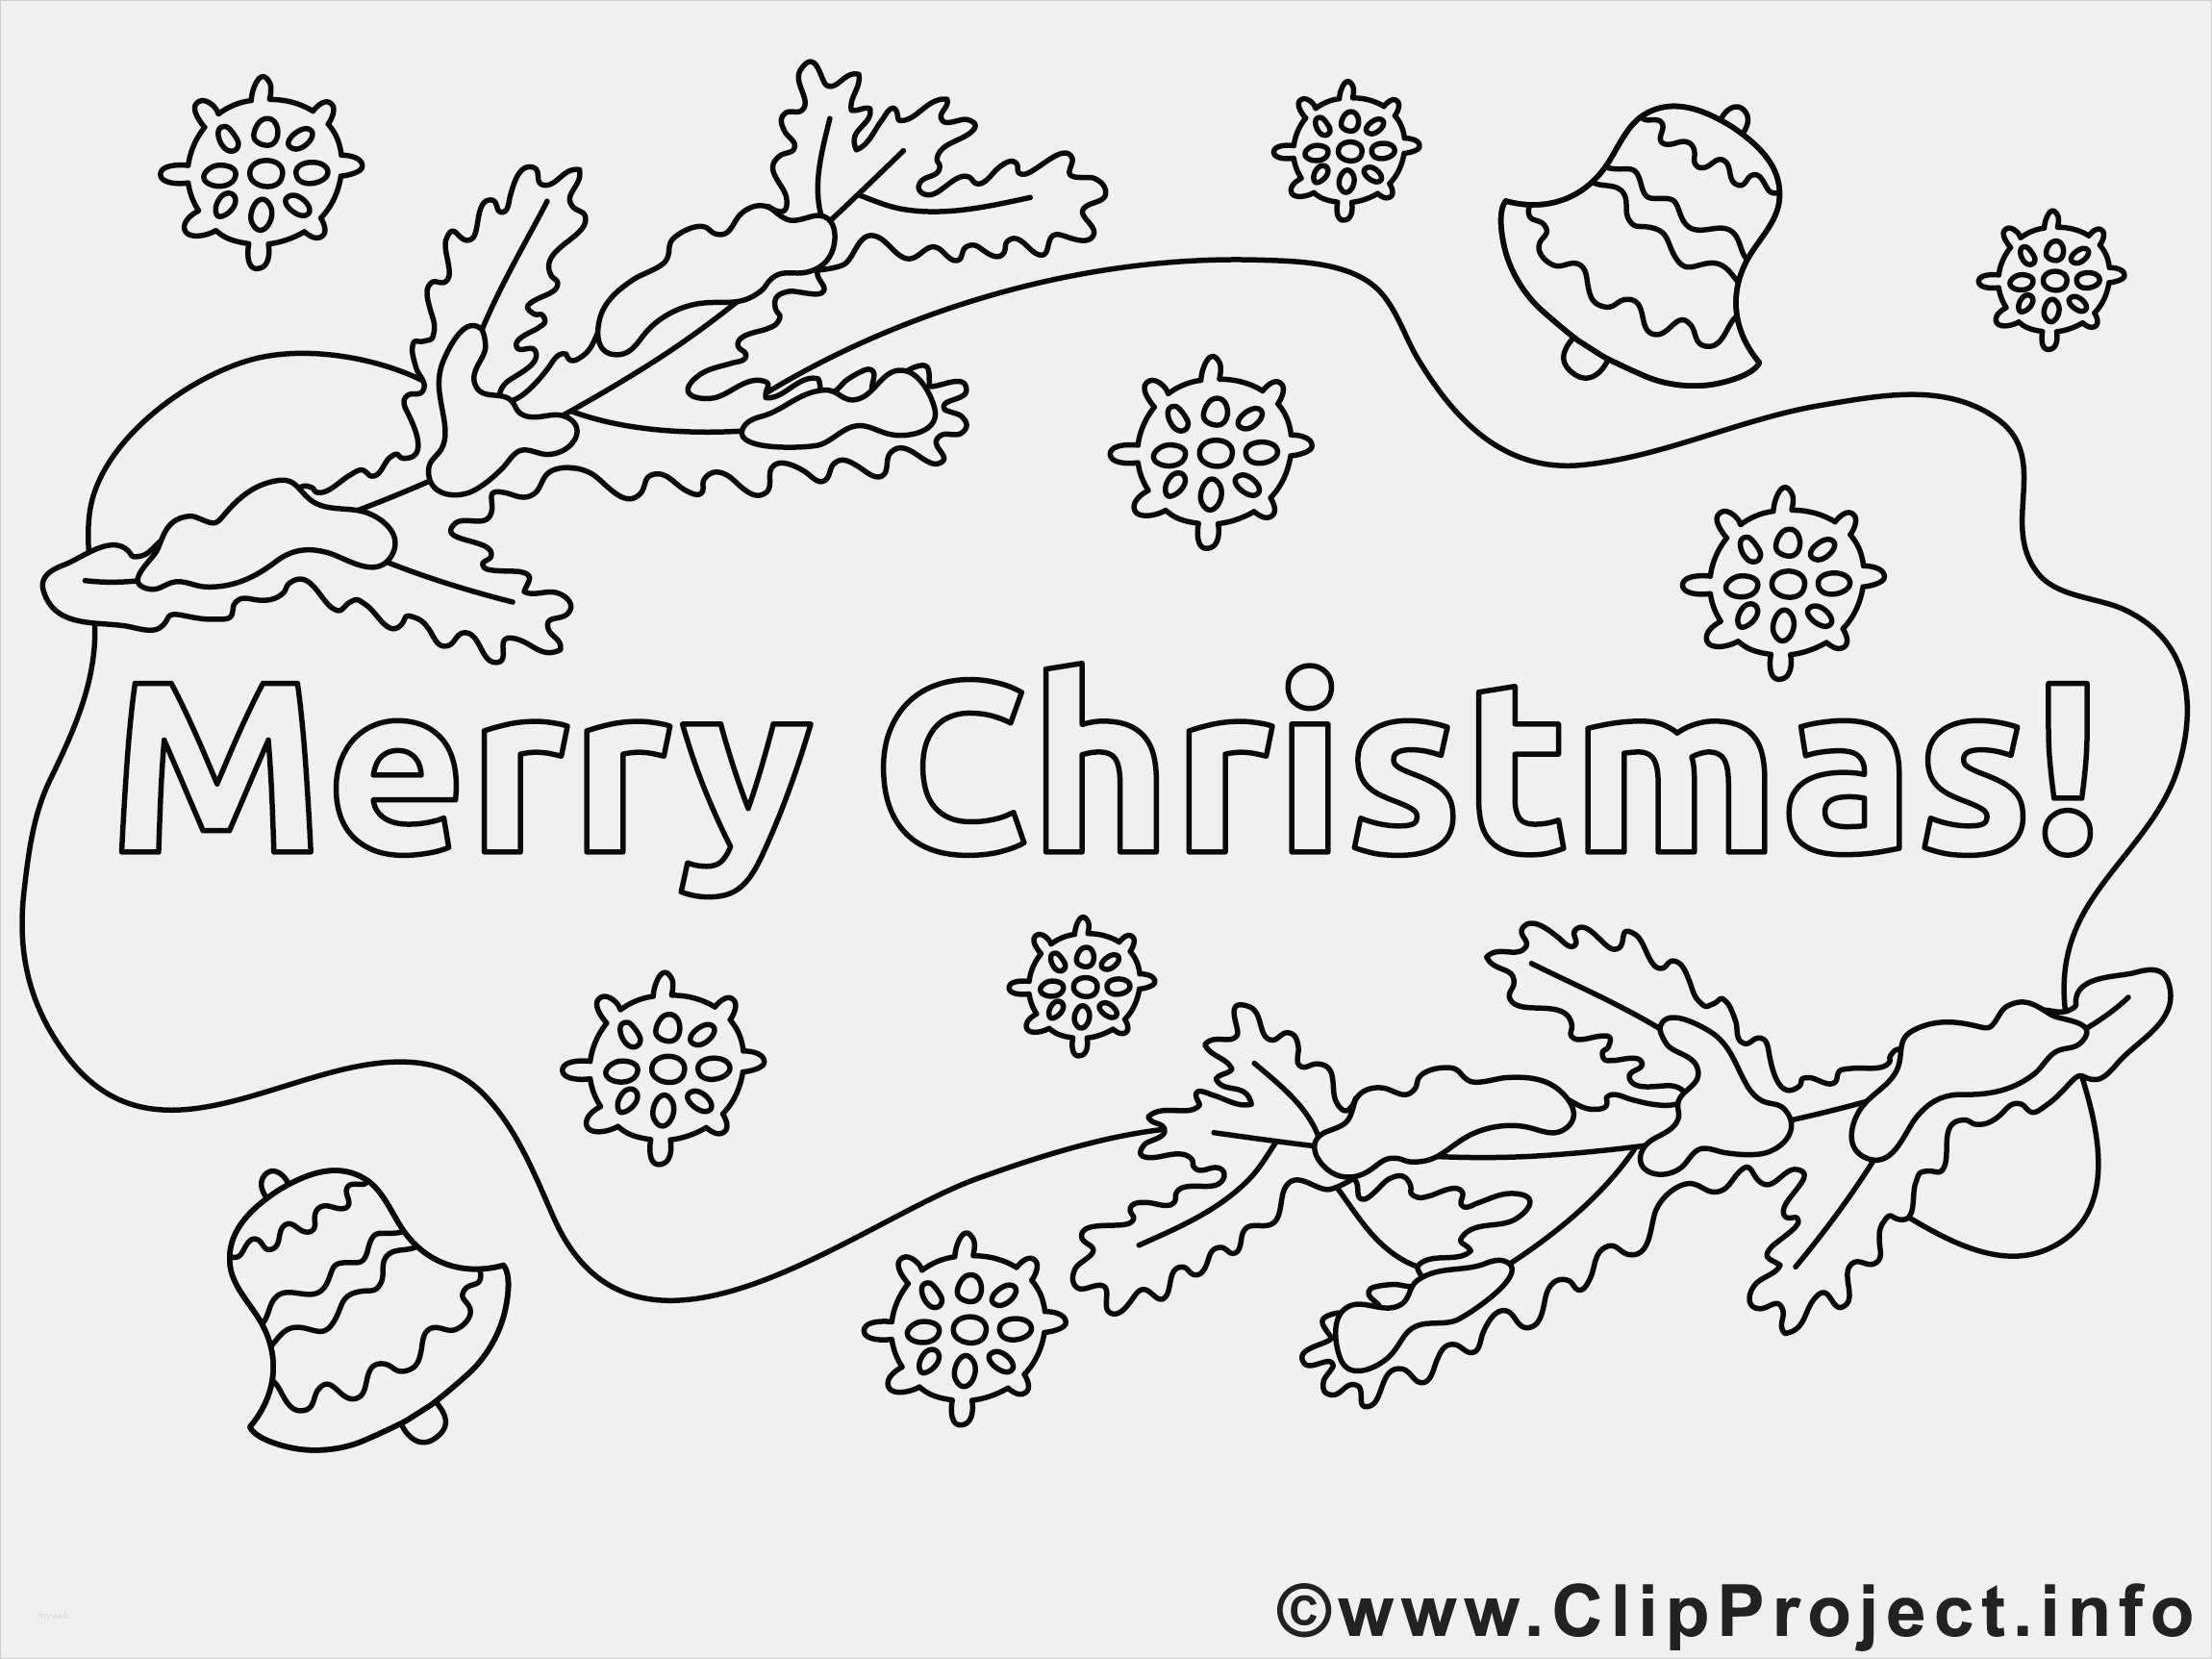 Ausmalbilder Weihnachten Krippe Genial 31 Frisch Wunschzettel Weihnachten Vorlage Grafik Stock